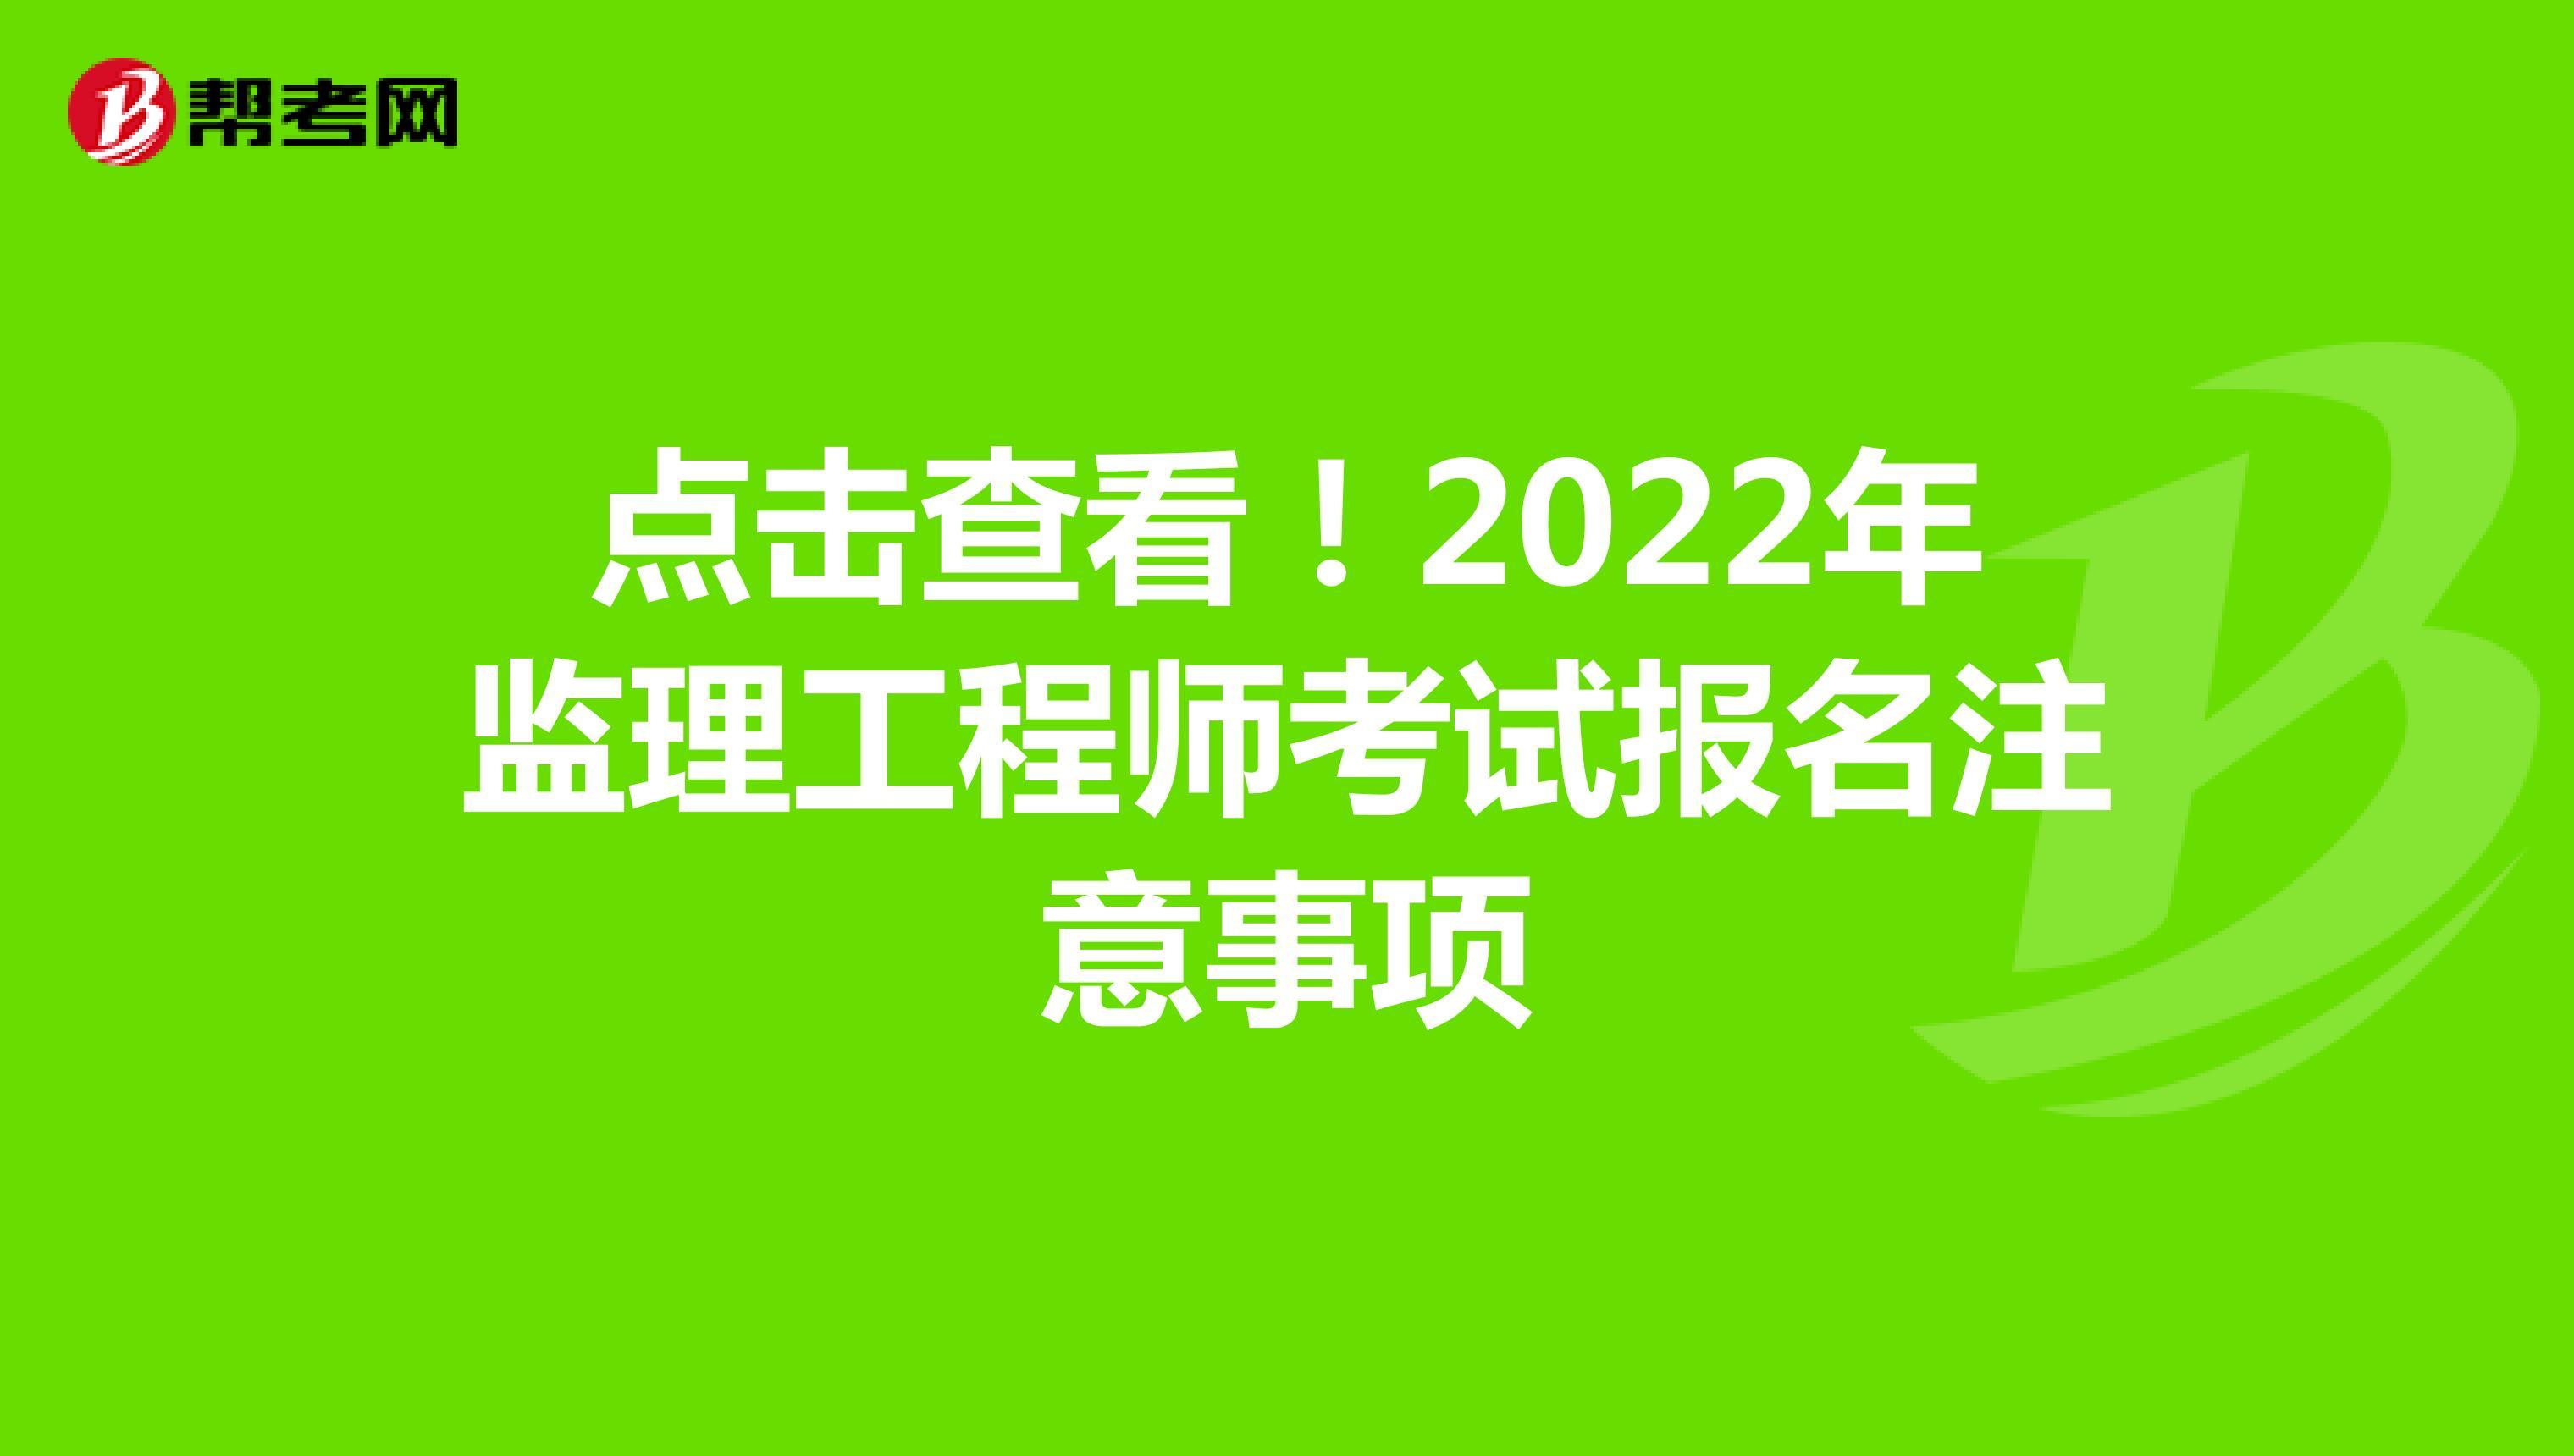 点击查看!2022年监理工程师考试报名注意事项